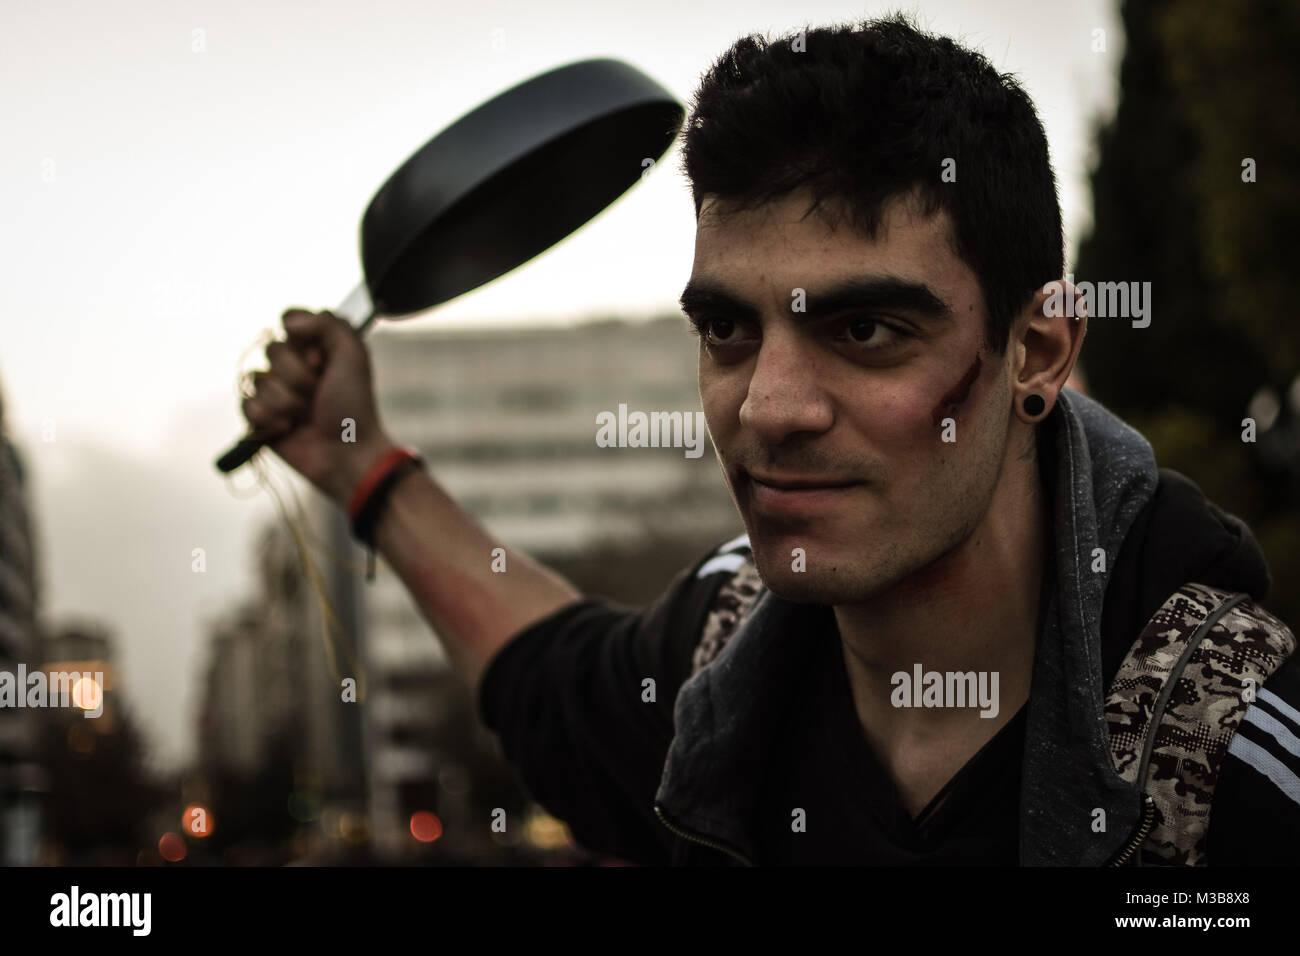 Atenas Grecia 10 Feb 2018 Un Hombre Viste Y Usa El Maquillaje - Maquillaje-zombie-hombre